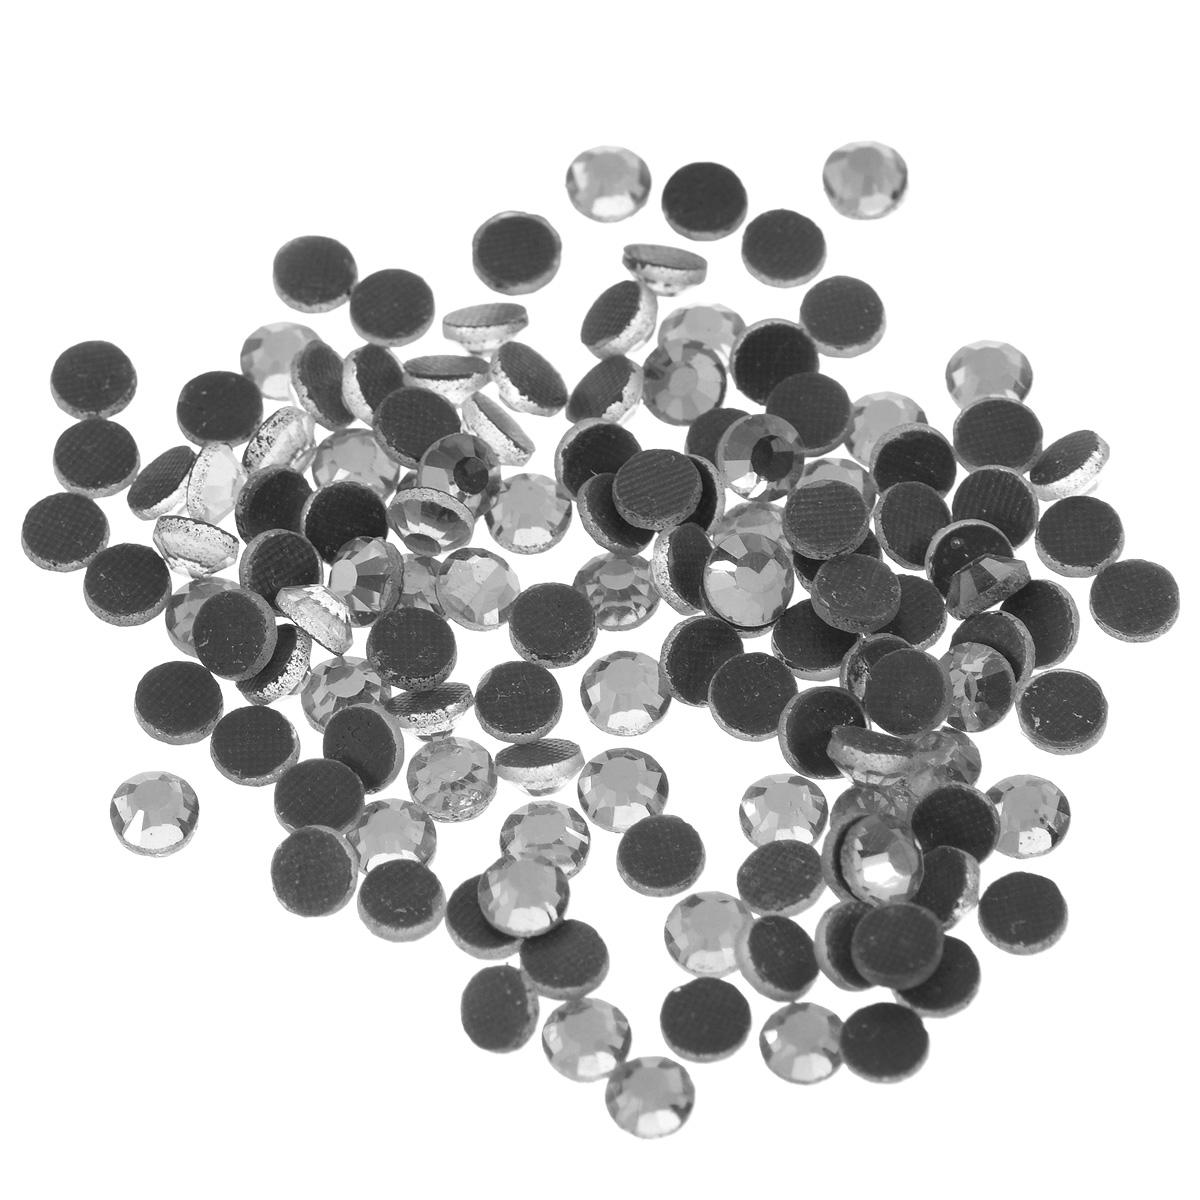 Стразы термоклеевые Cristal, цвет: серебристый, диаметр 4,8 мм, 144 шт7706832_сереброНабор термоклеевых страз Cristal, изготовленный из высококачественного акрила, позволит вам украсить одежду, аксессуары или текстиль. Яркие стразы имеют плоское дно и круглую поверхность с гранями.Дно термоклеевых страз уже обработано особым клеем, который под воздействием высоких температур начинает плавиться, приклеиваясь, таким образом, к требуемой поверхности. Чаще всего их используют в текстильной промышленности: стразы прикладывают к ткани и проглаживают утюгом с обратной стороны. Также можно использовать специальный паяльник. Украшение стразами поможет сделать любую вещь оригинальной и неповторимой. Диаметр стразы: 4,8 мм.